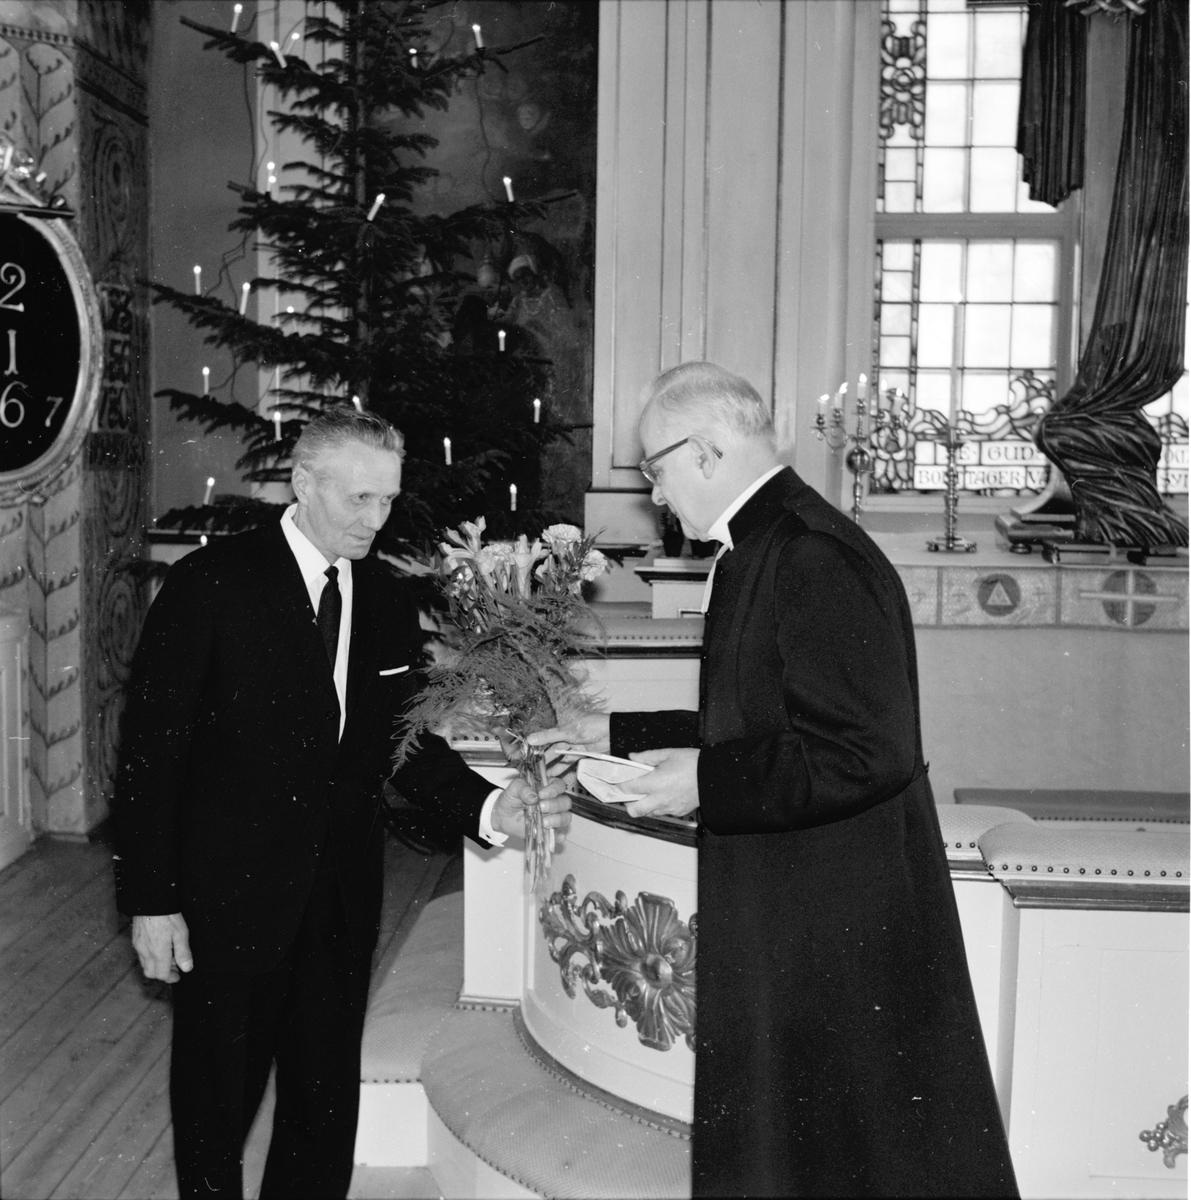 Arbrå, Kyrkvärd P. Andersson avtackas, 1 Januari 1969